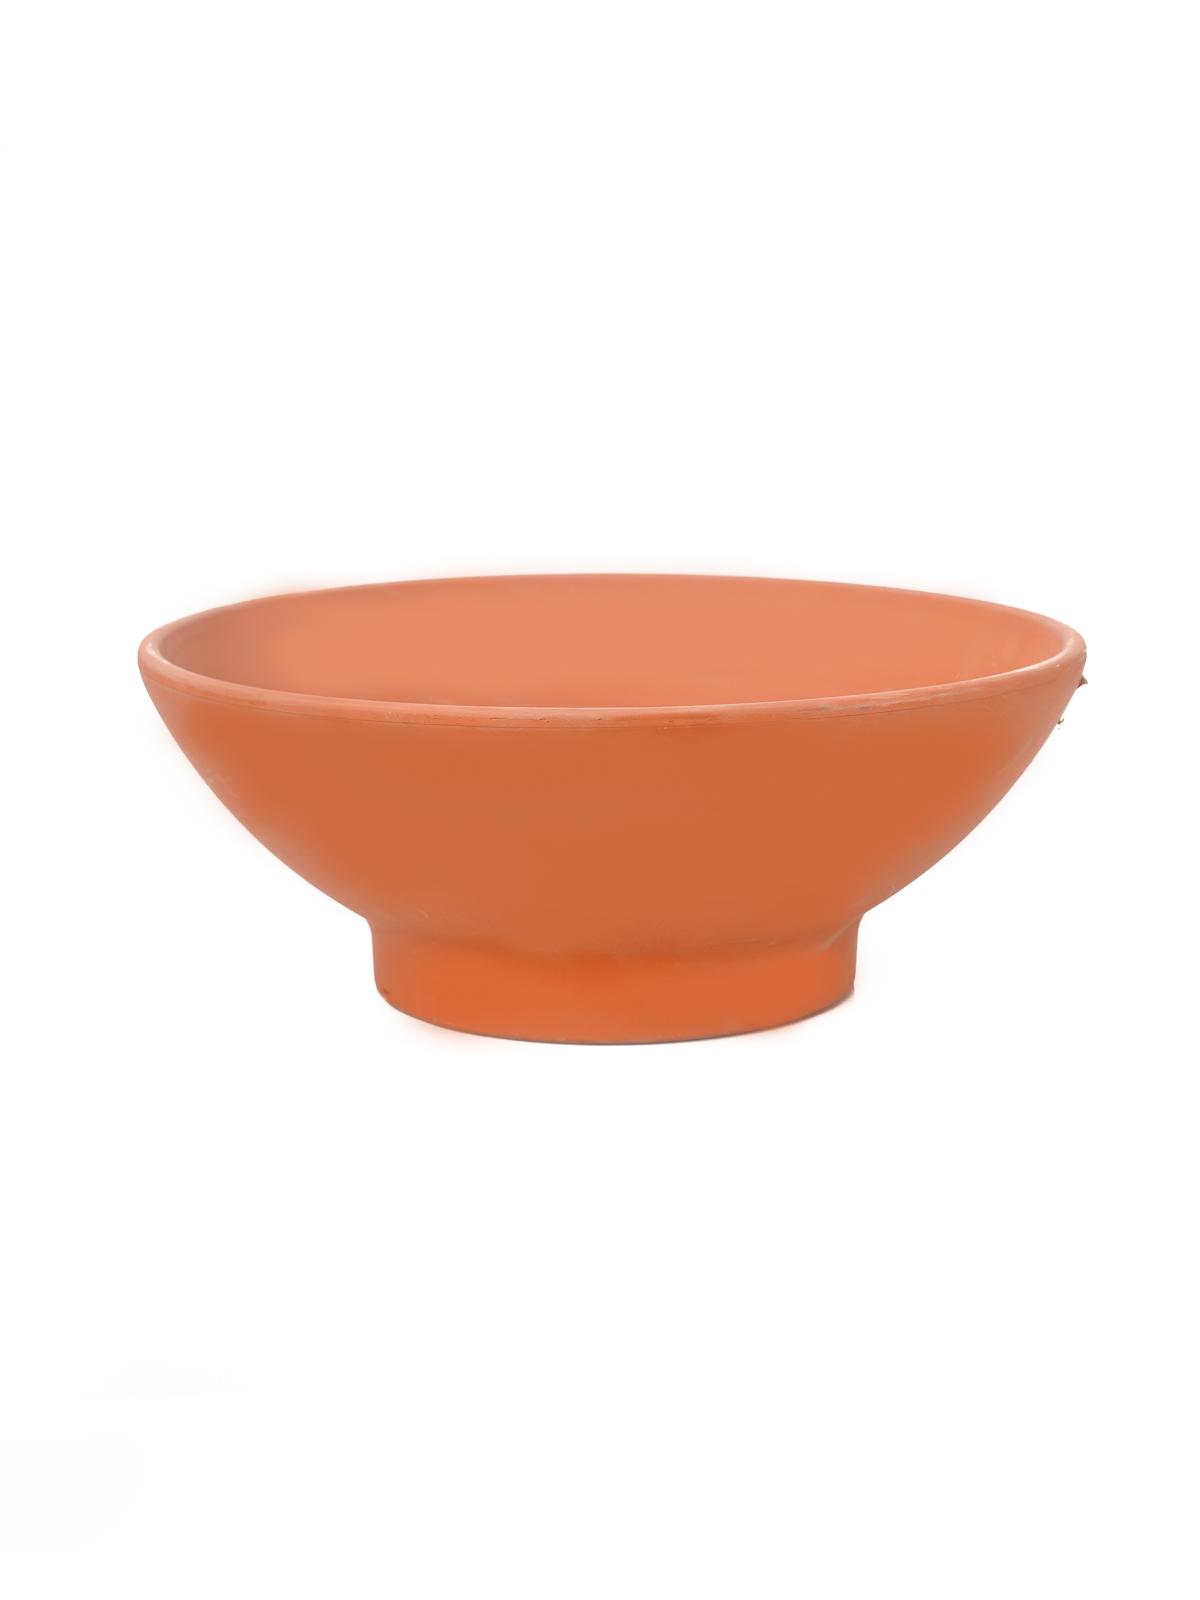 M-Bowl 31-38-46 (46 cm) Pots & Vases